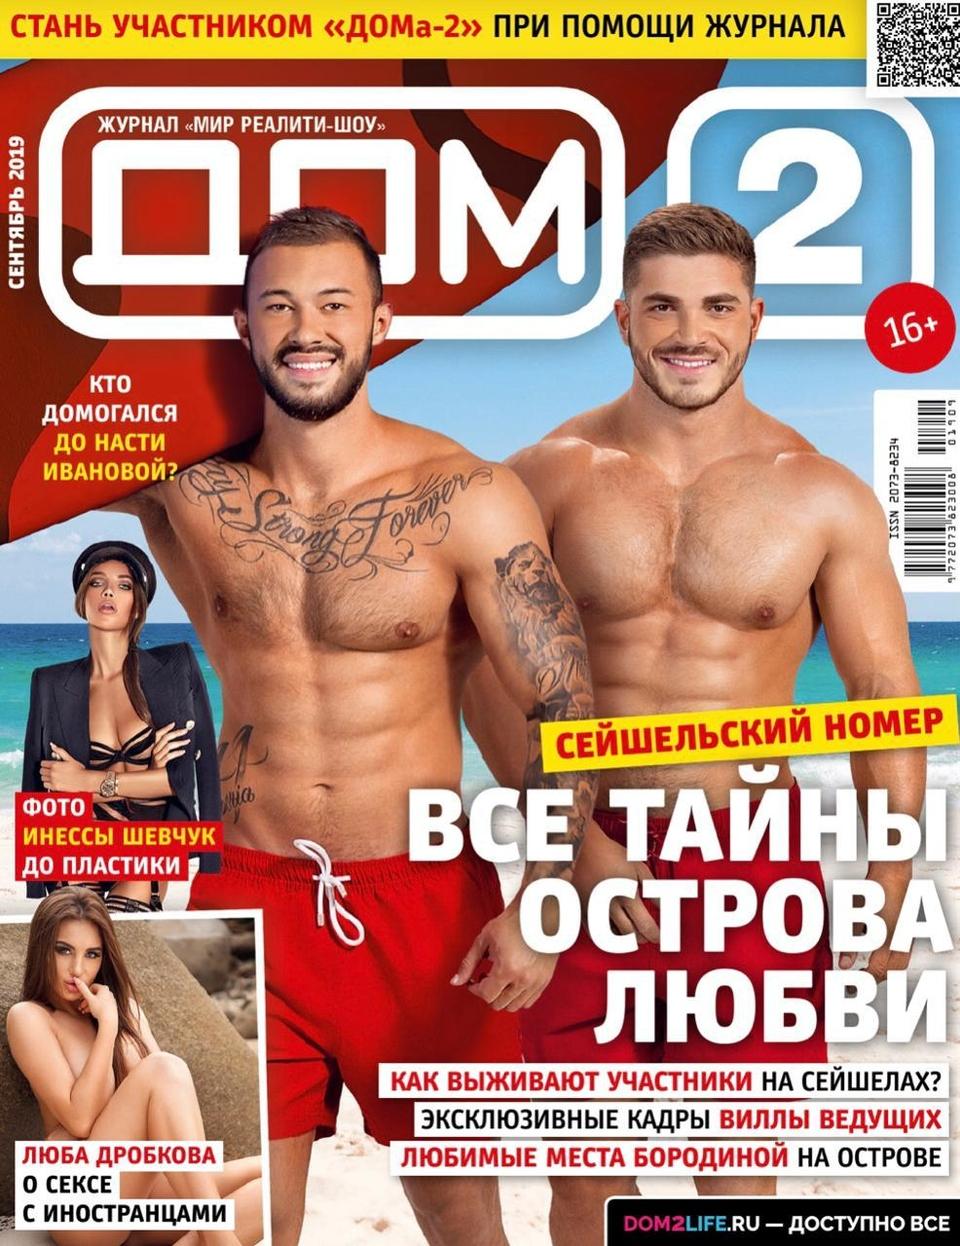 Новый выпуск журнала «ДОМ-2» уже впродаже Фото: Журнал «ДОМ-2»